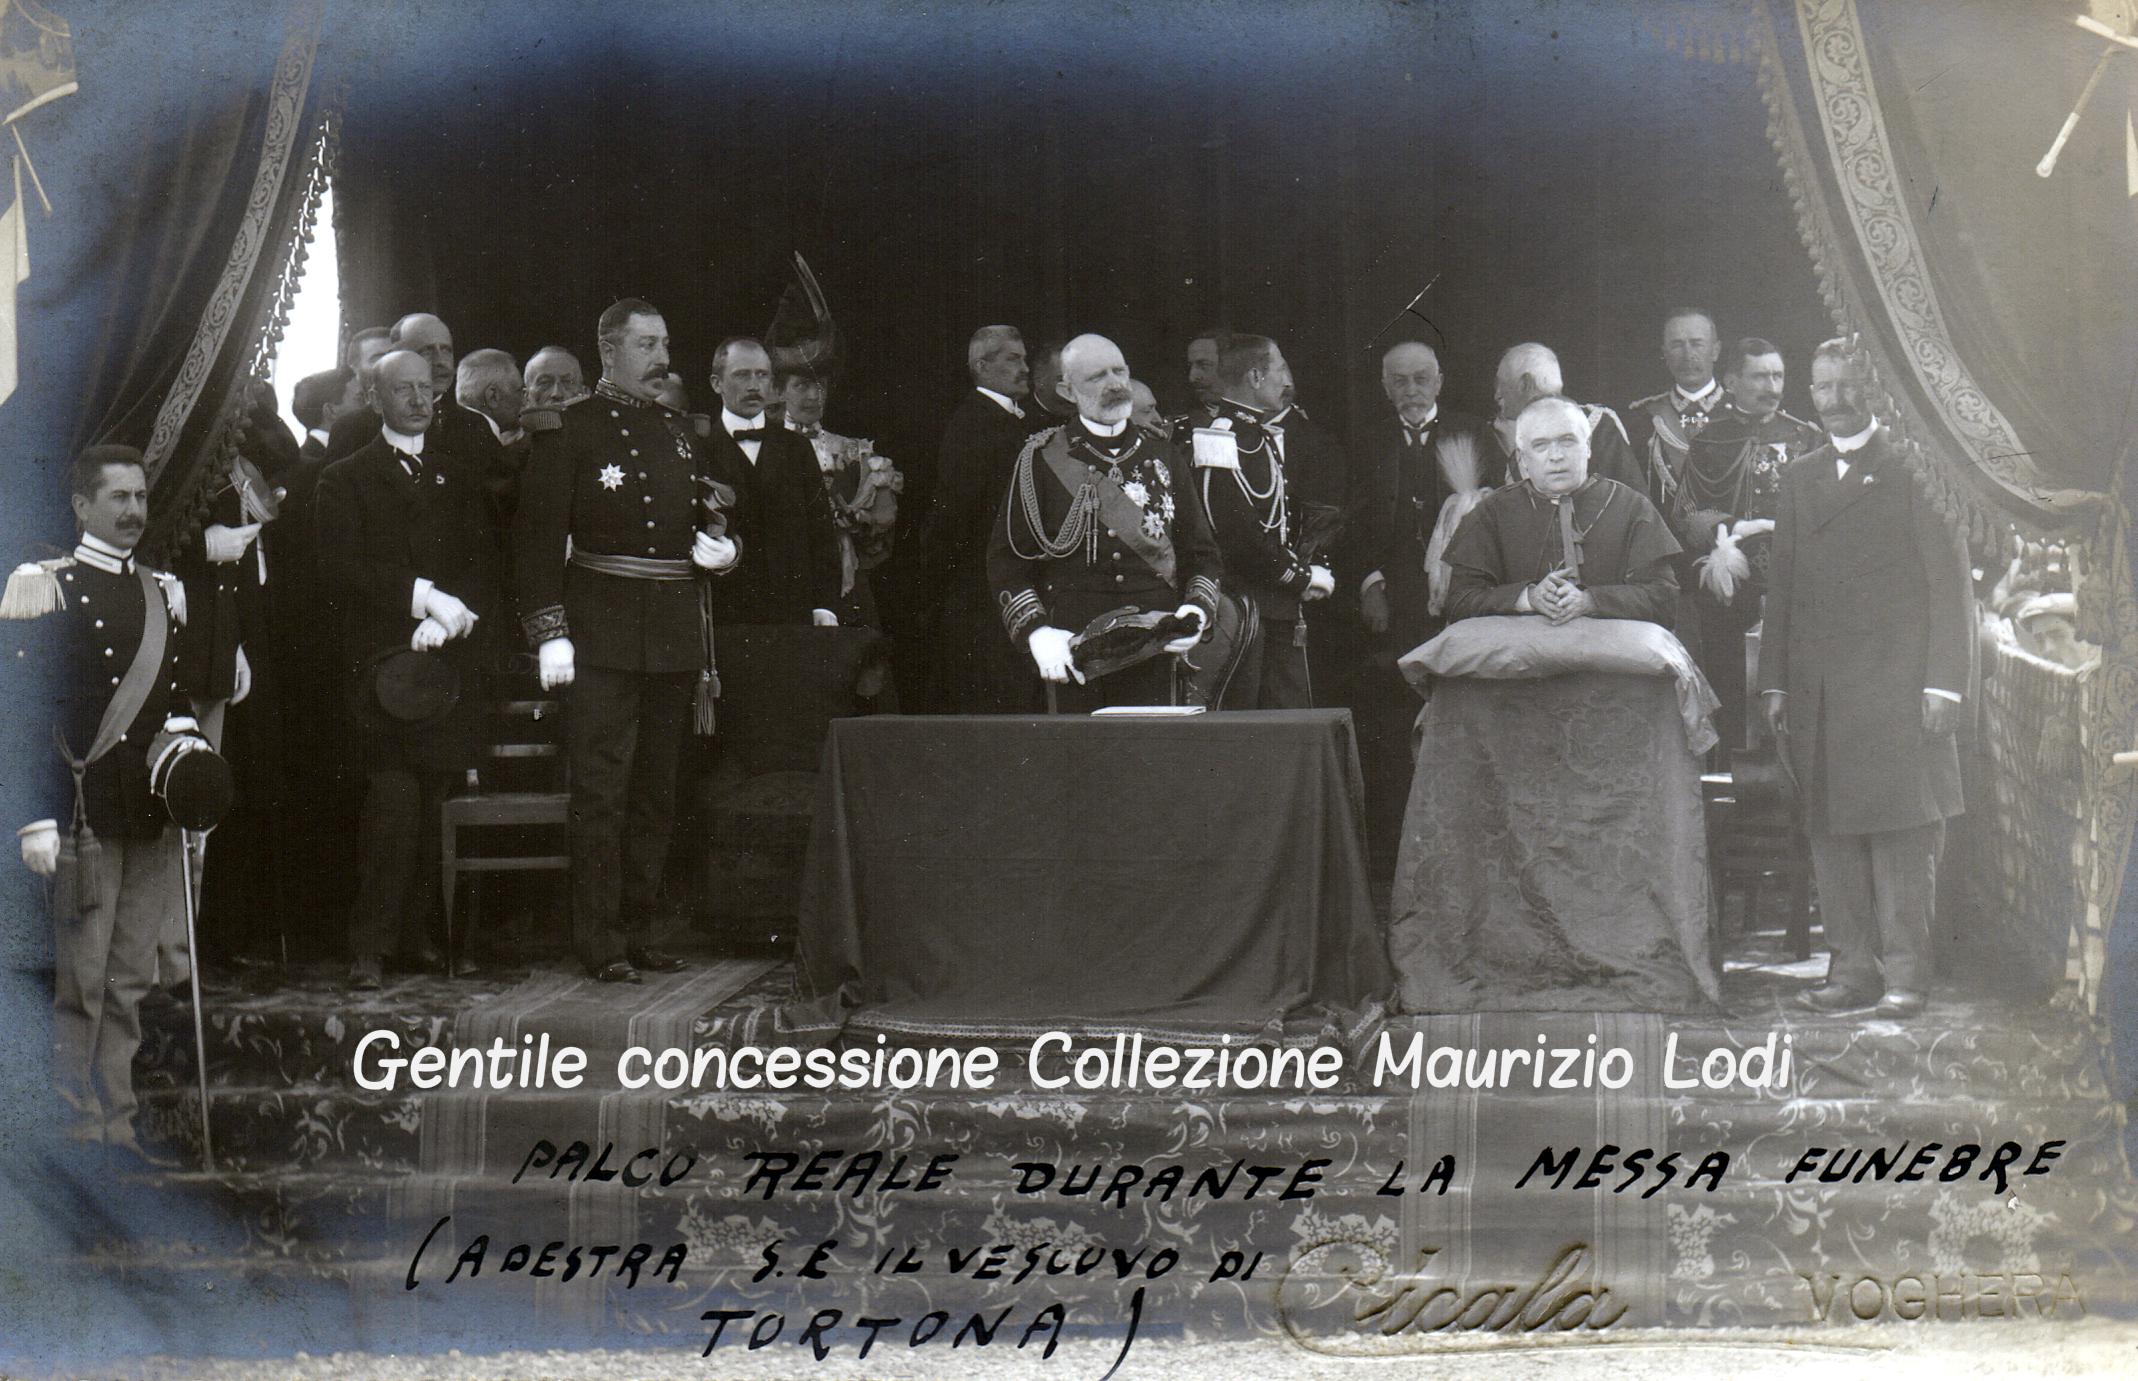 Tortona 17 06 1922 SAR Tommaso di Savoia Duca di Genova alla commemorazione Caduti GG (C).jpg